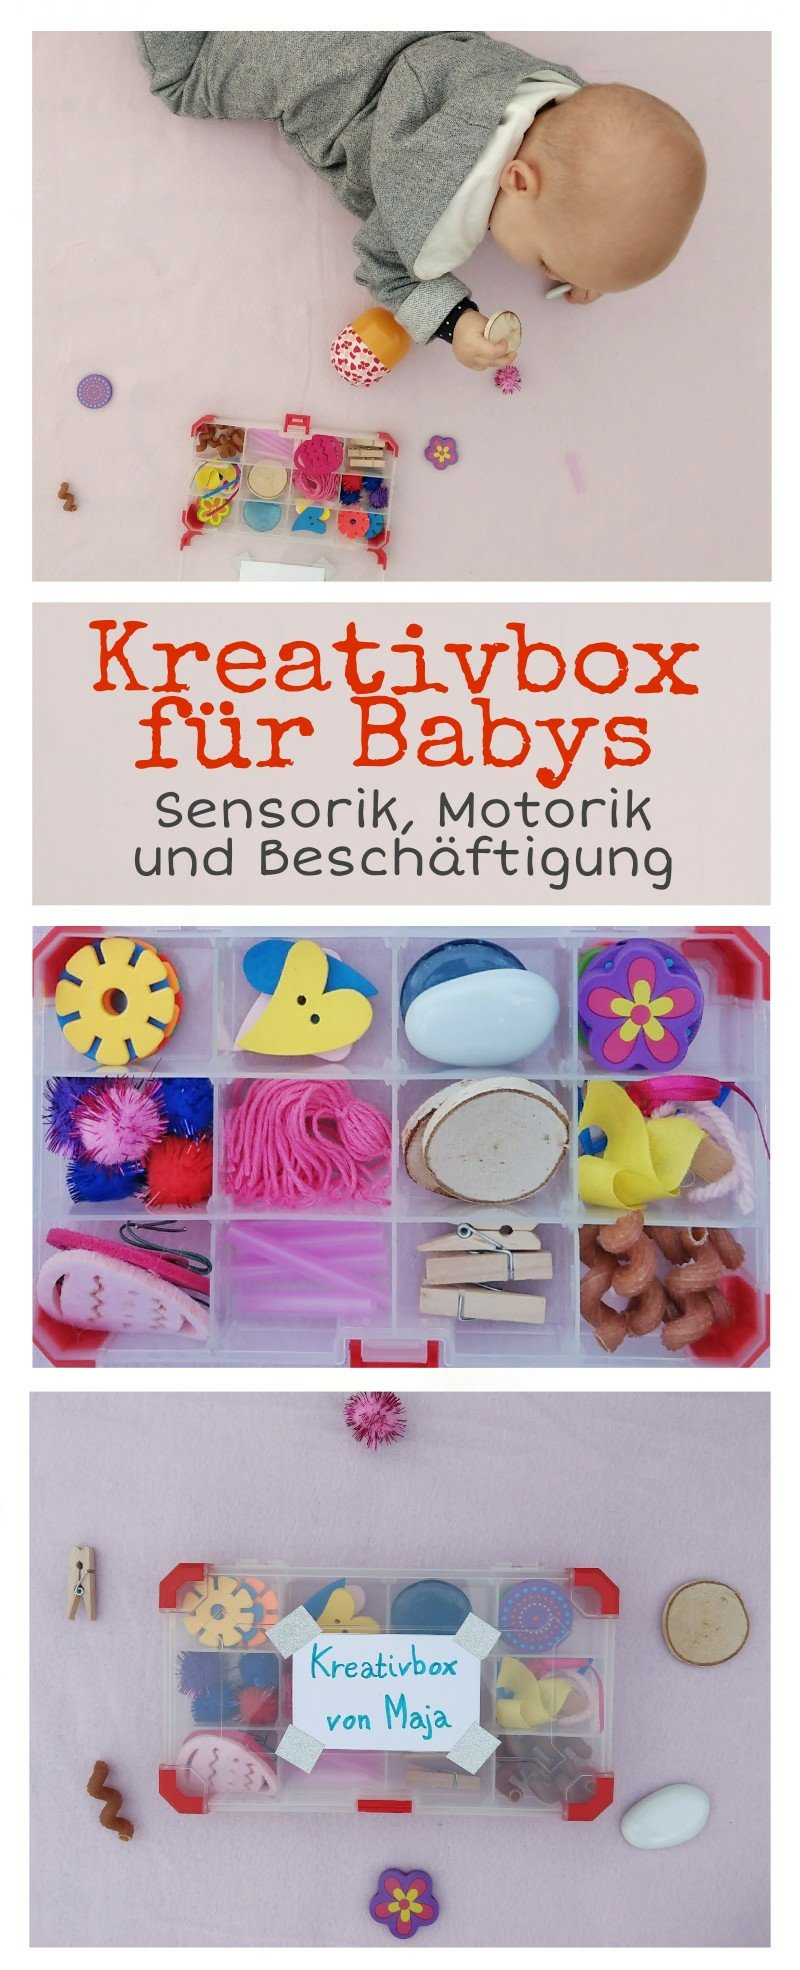 Mit einer Kreativbox für euer Baby wird die Sensorik und die Feinmotorik gefördert. Toll als Beschäftigung geeignet. Als Materialien eignen sich große Gegenstände, Die nicht verschluckt werden können.